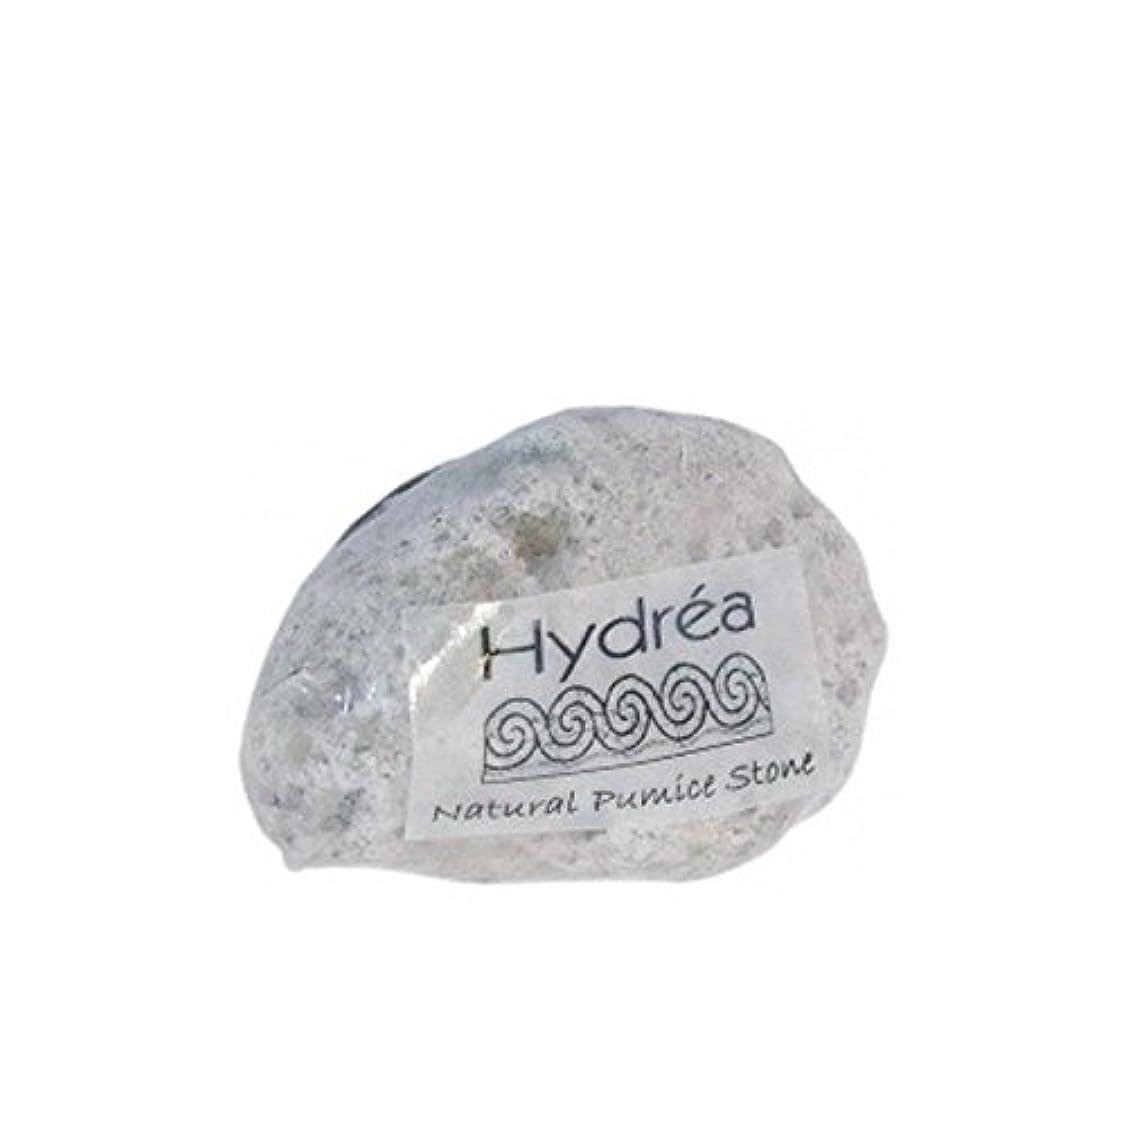 代理店湿気の多いフォークハイドレアロンドン - 自然軽石 x4 - Hydrea London - Natural Pumice Stone (Pack of 4) [並行輸入品]